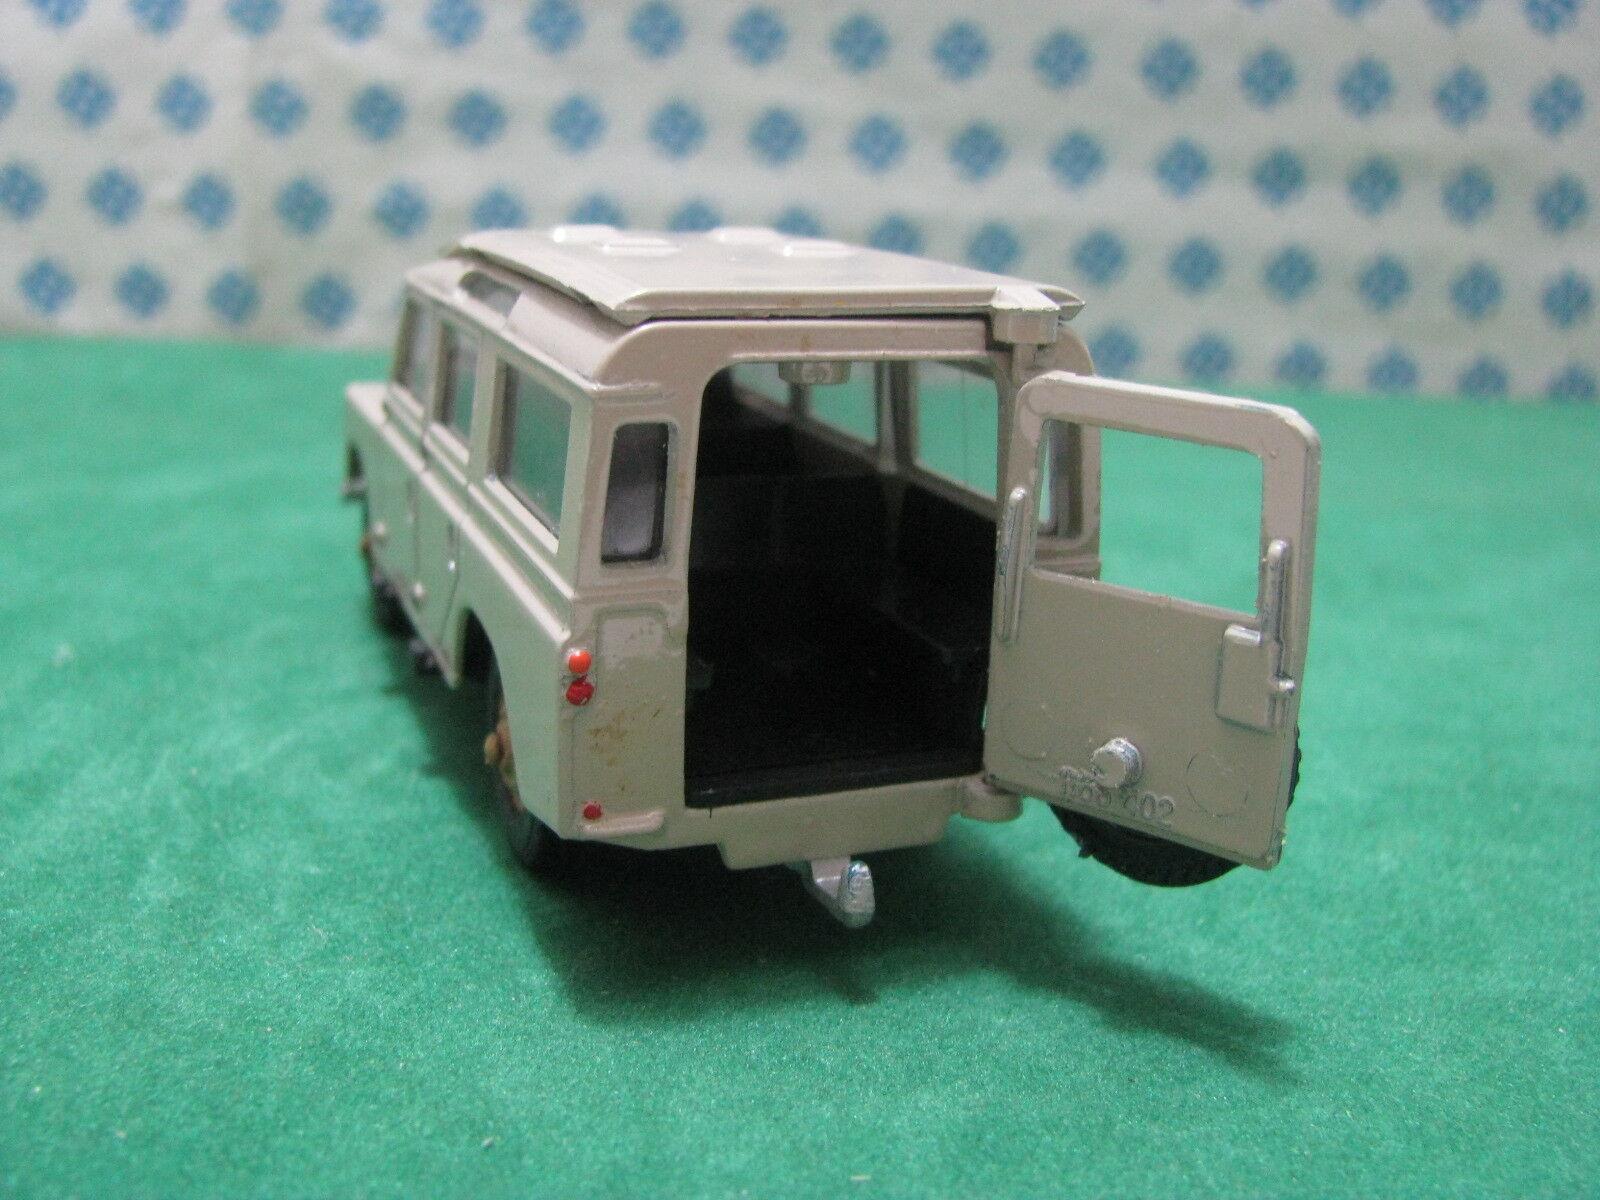 Vintage - TIERRA ROVER 109 - - - 1 43 Solido Ref. 56 45e257